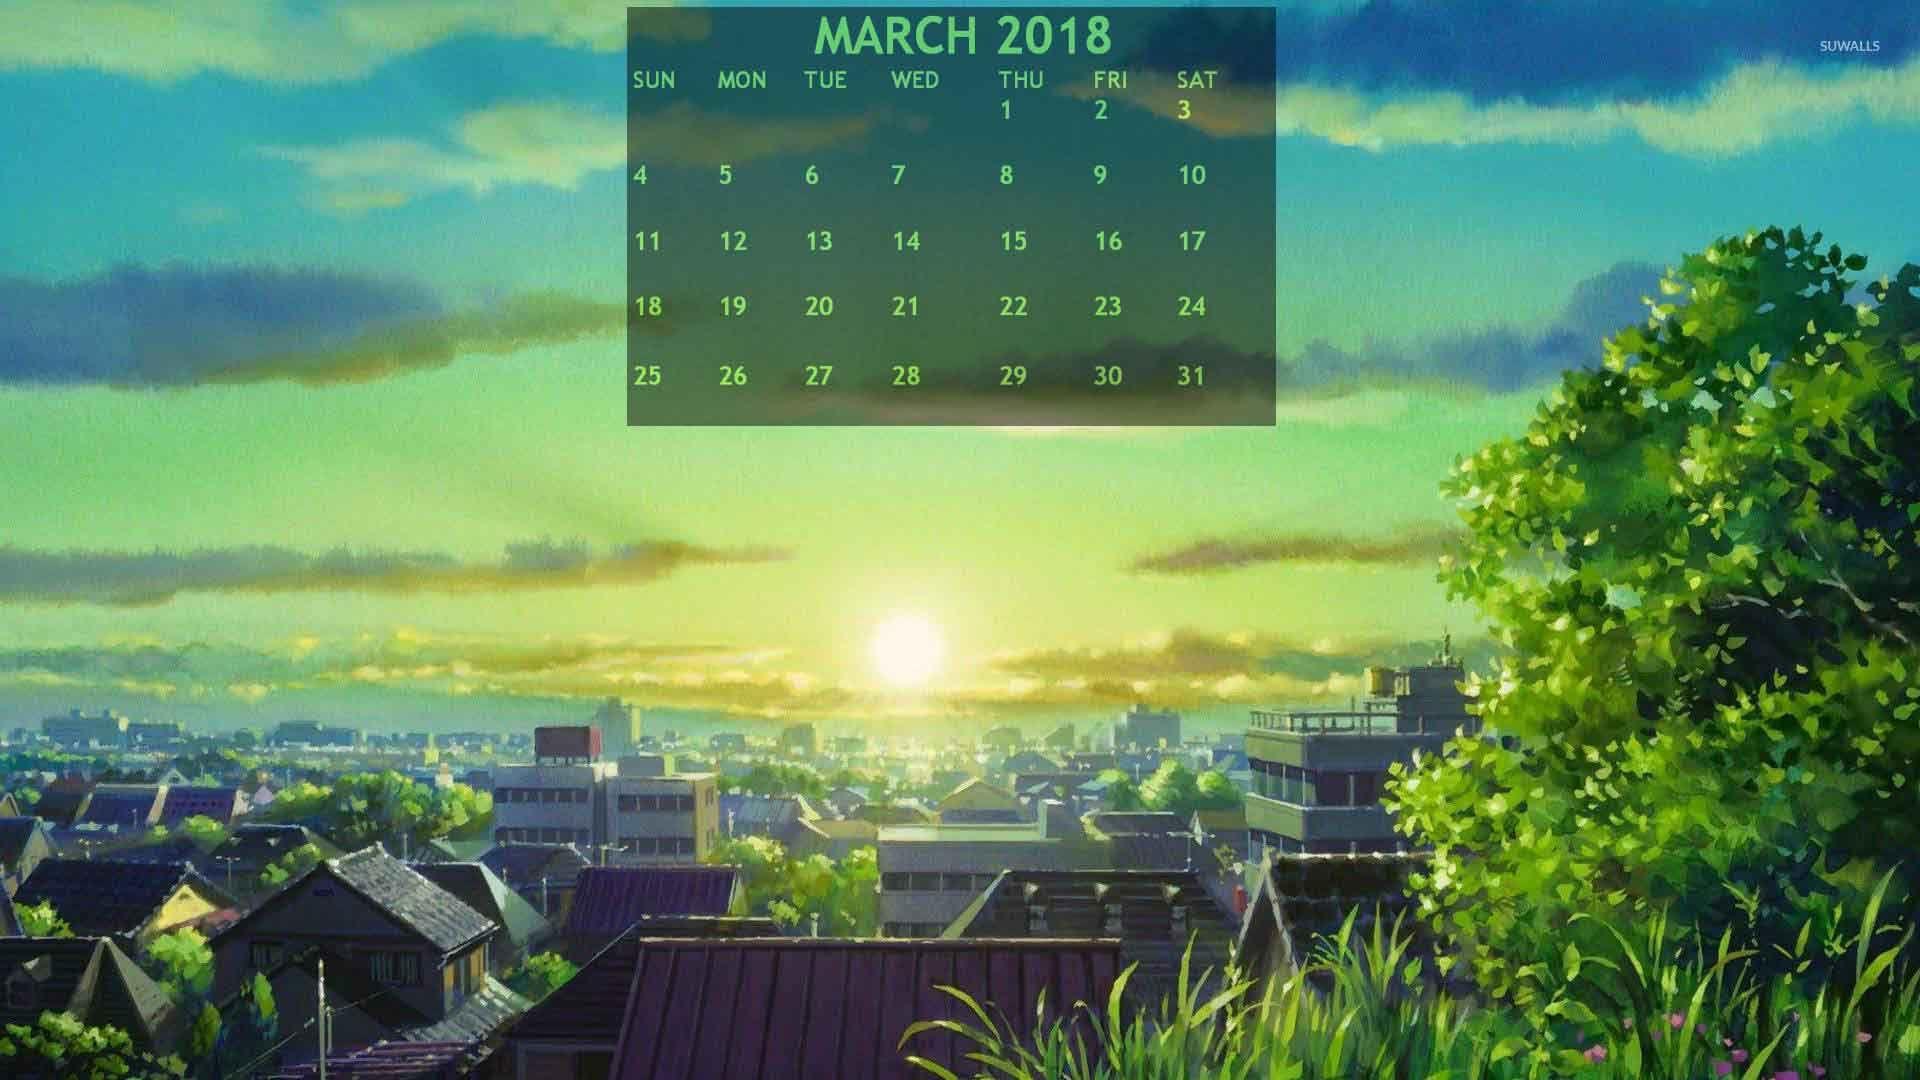 March 2018 calendar nature wallpaper 2018 calendars - March desktop wallpaper ...